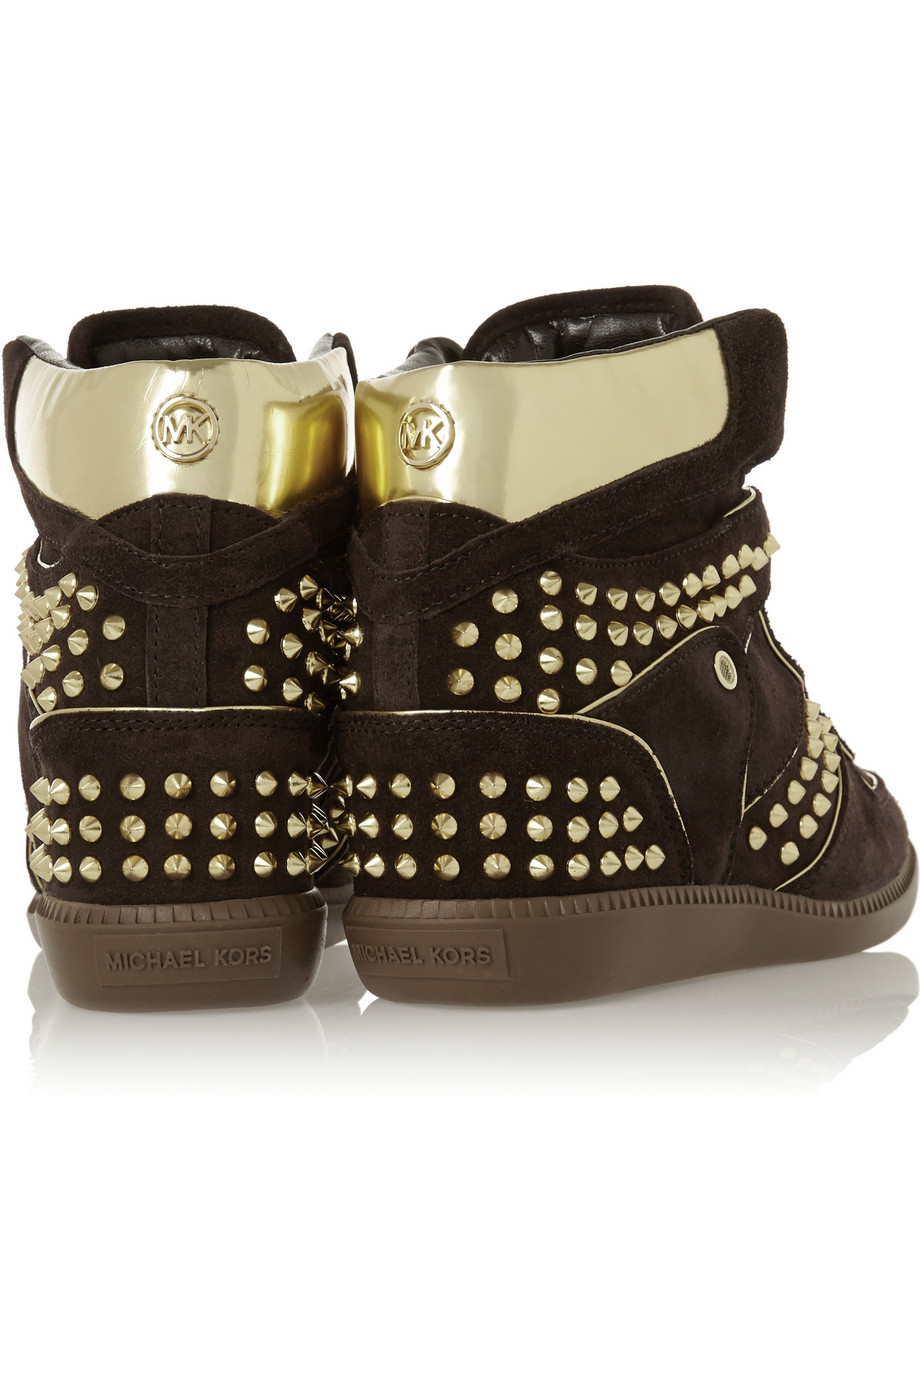 MICHAEL Michael Kors Nikko Studded Suede High-top Sneakers in Dark Brown (Brown)